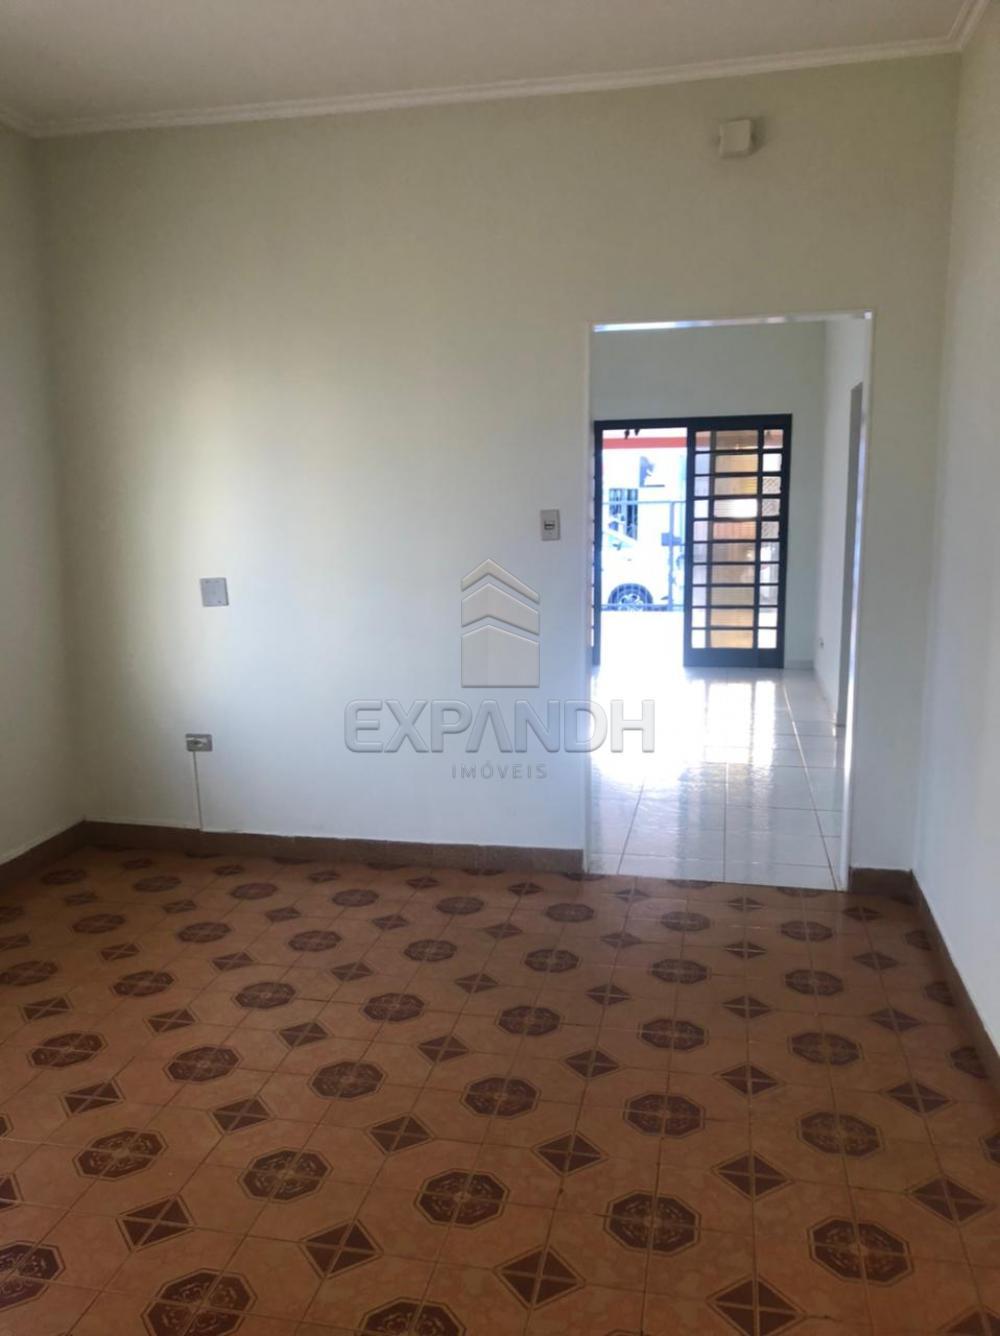 Alugar Casas / Padrão em Sertãozinho R$ 1.500,00 - Foto 8